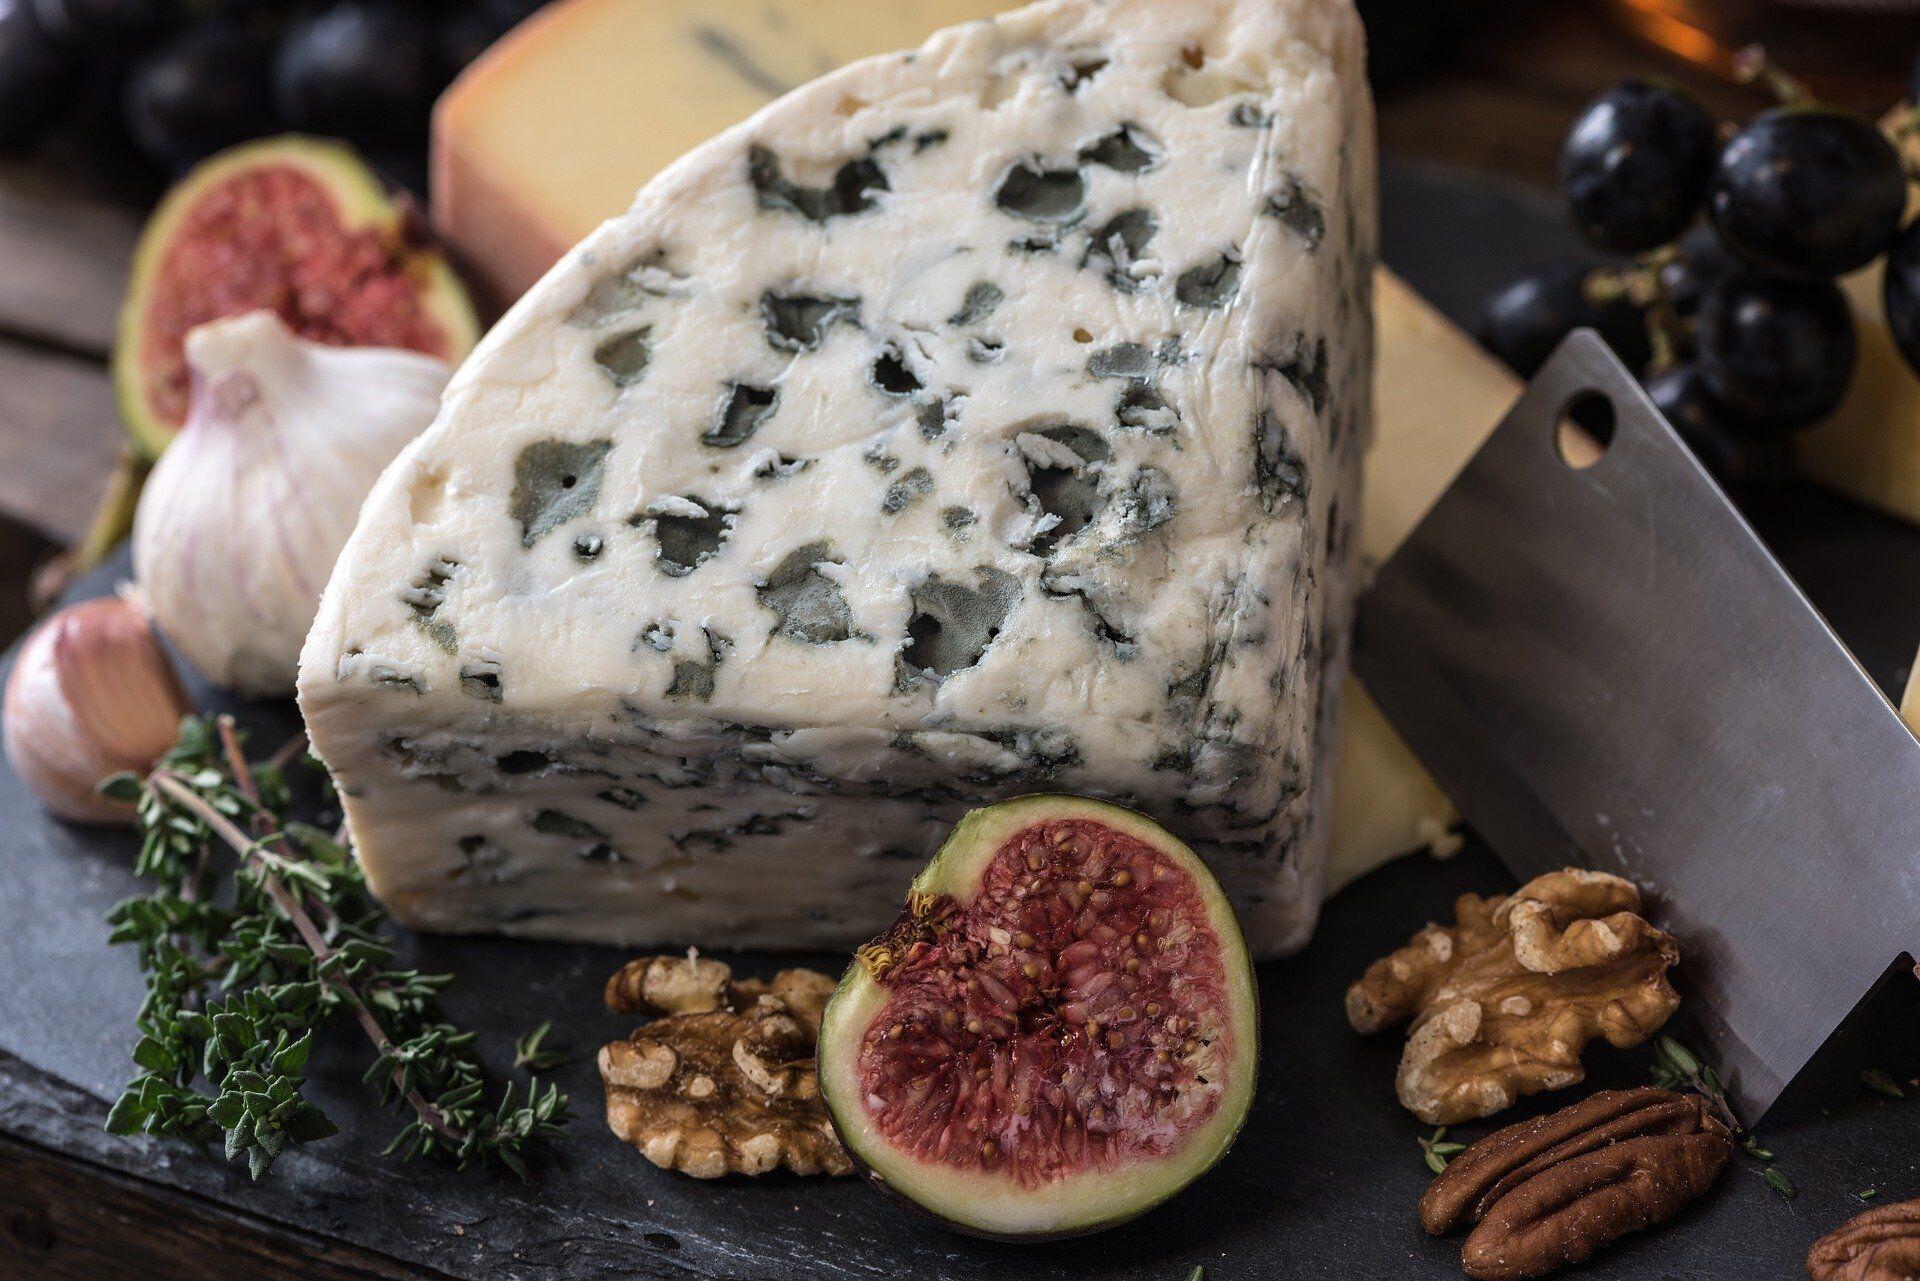 Сыр с плесенью не очень подходит к винам